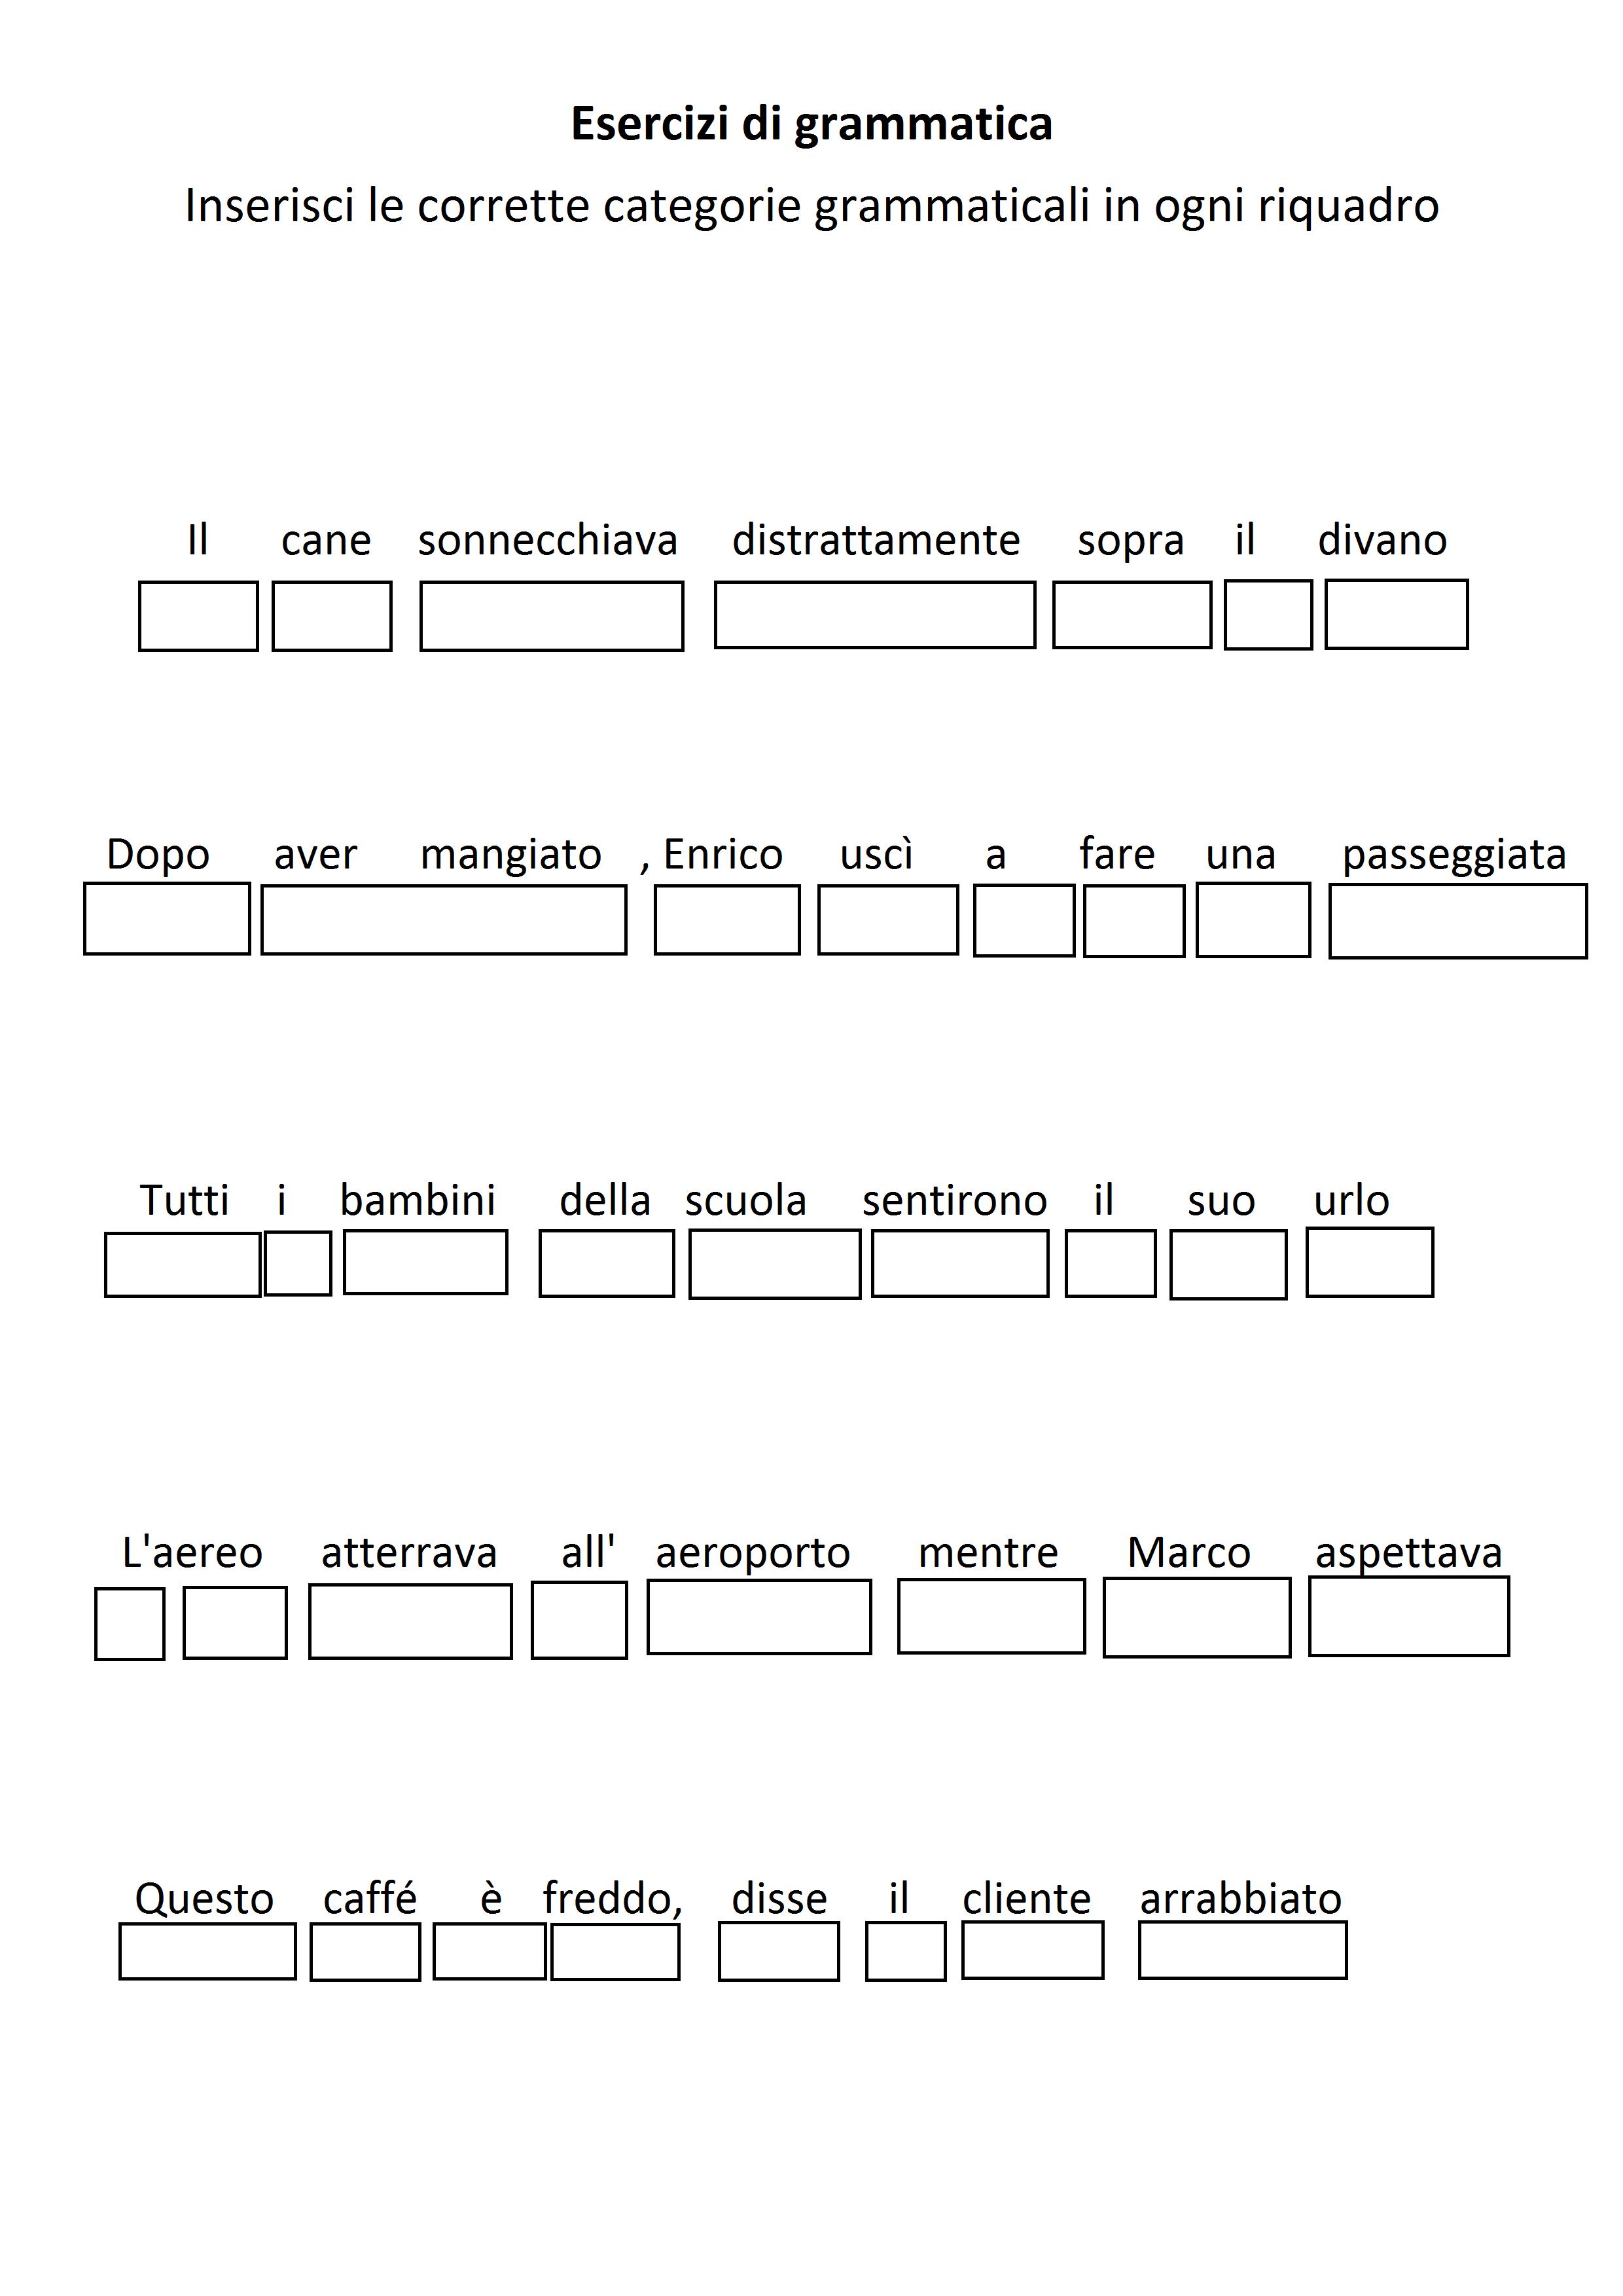 Analisi Grammaticale Logica E Semantica Per Capire Davvero I Periodi